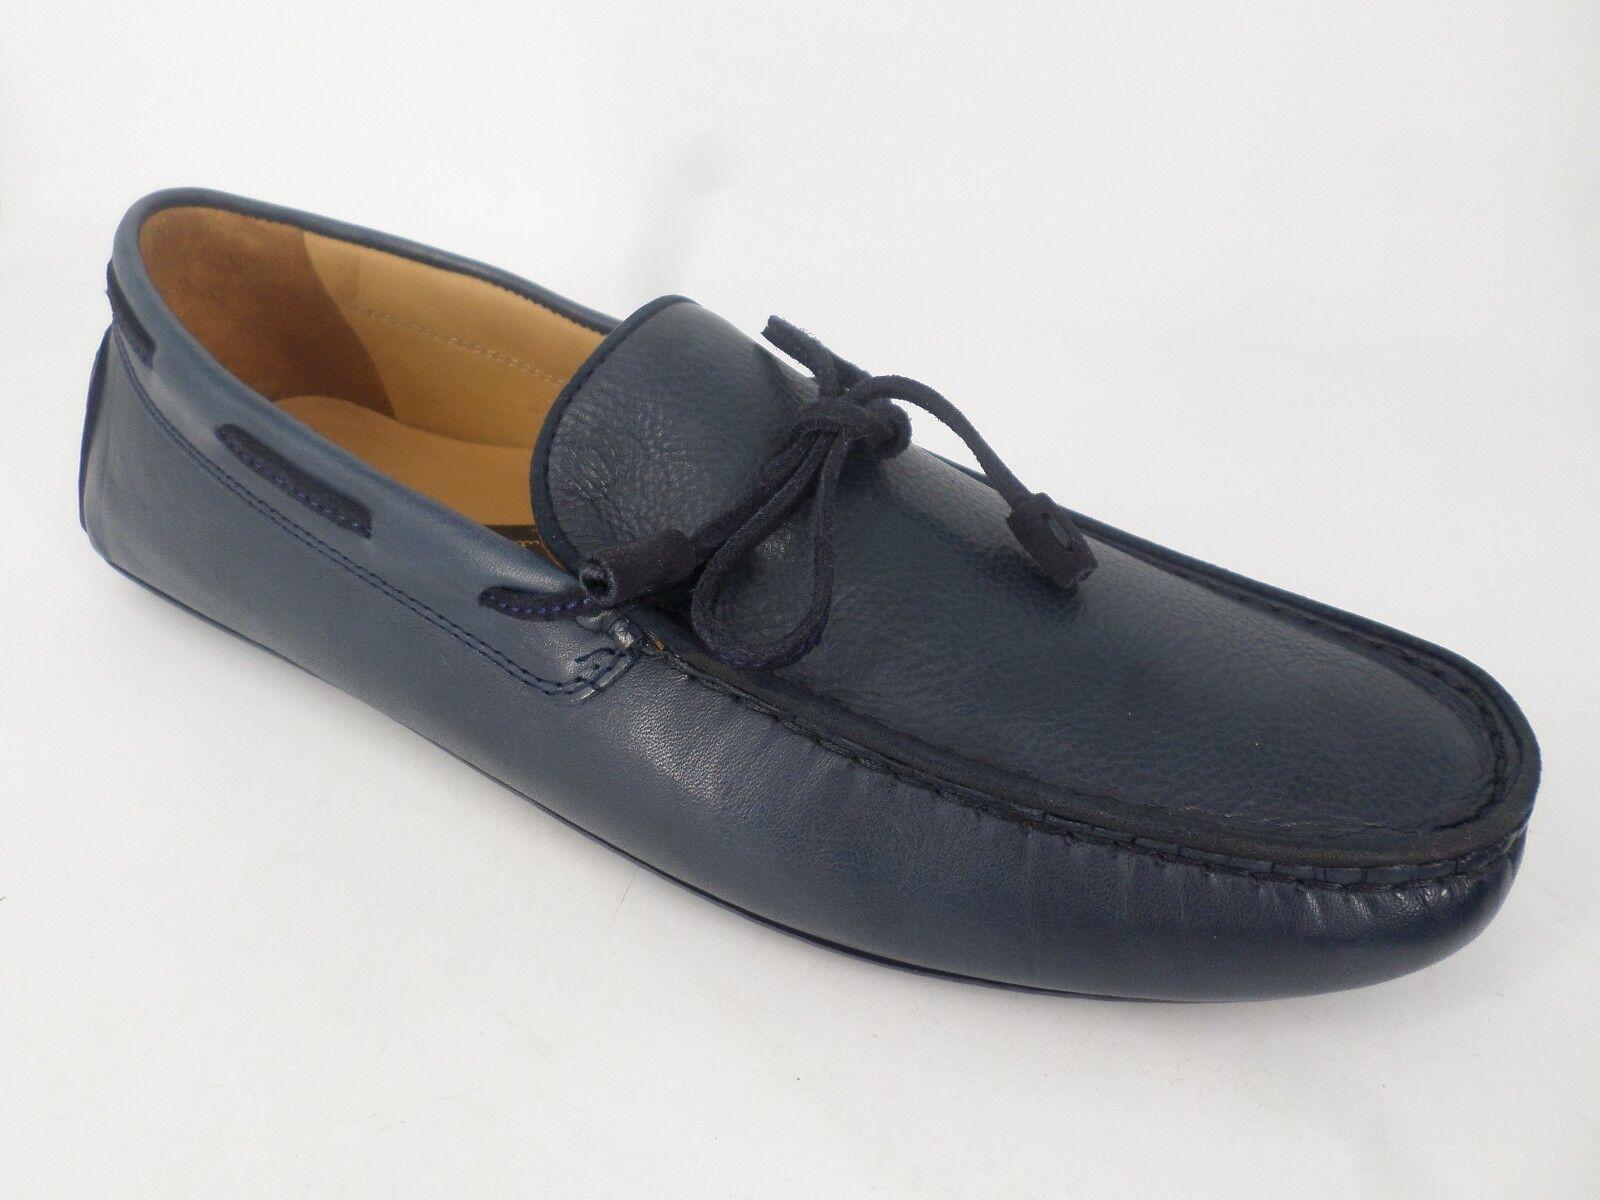 Massimo Dutti KIOWA LAZO Blu Pelle Scarpe EU 45 LN17 71 Scarpe classiche da uomo